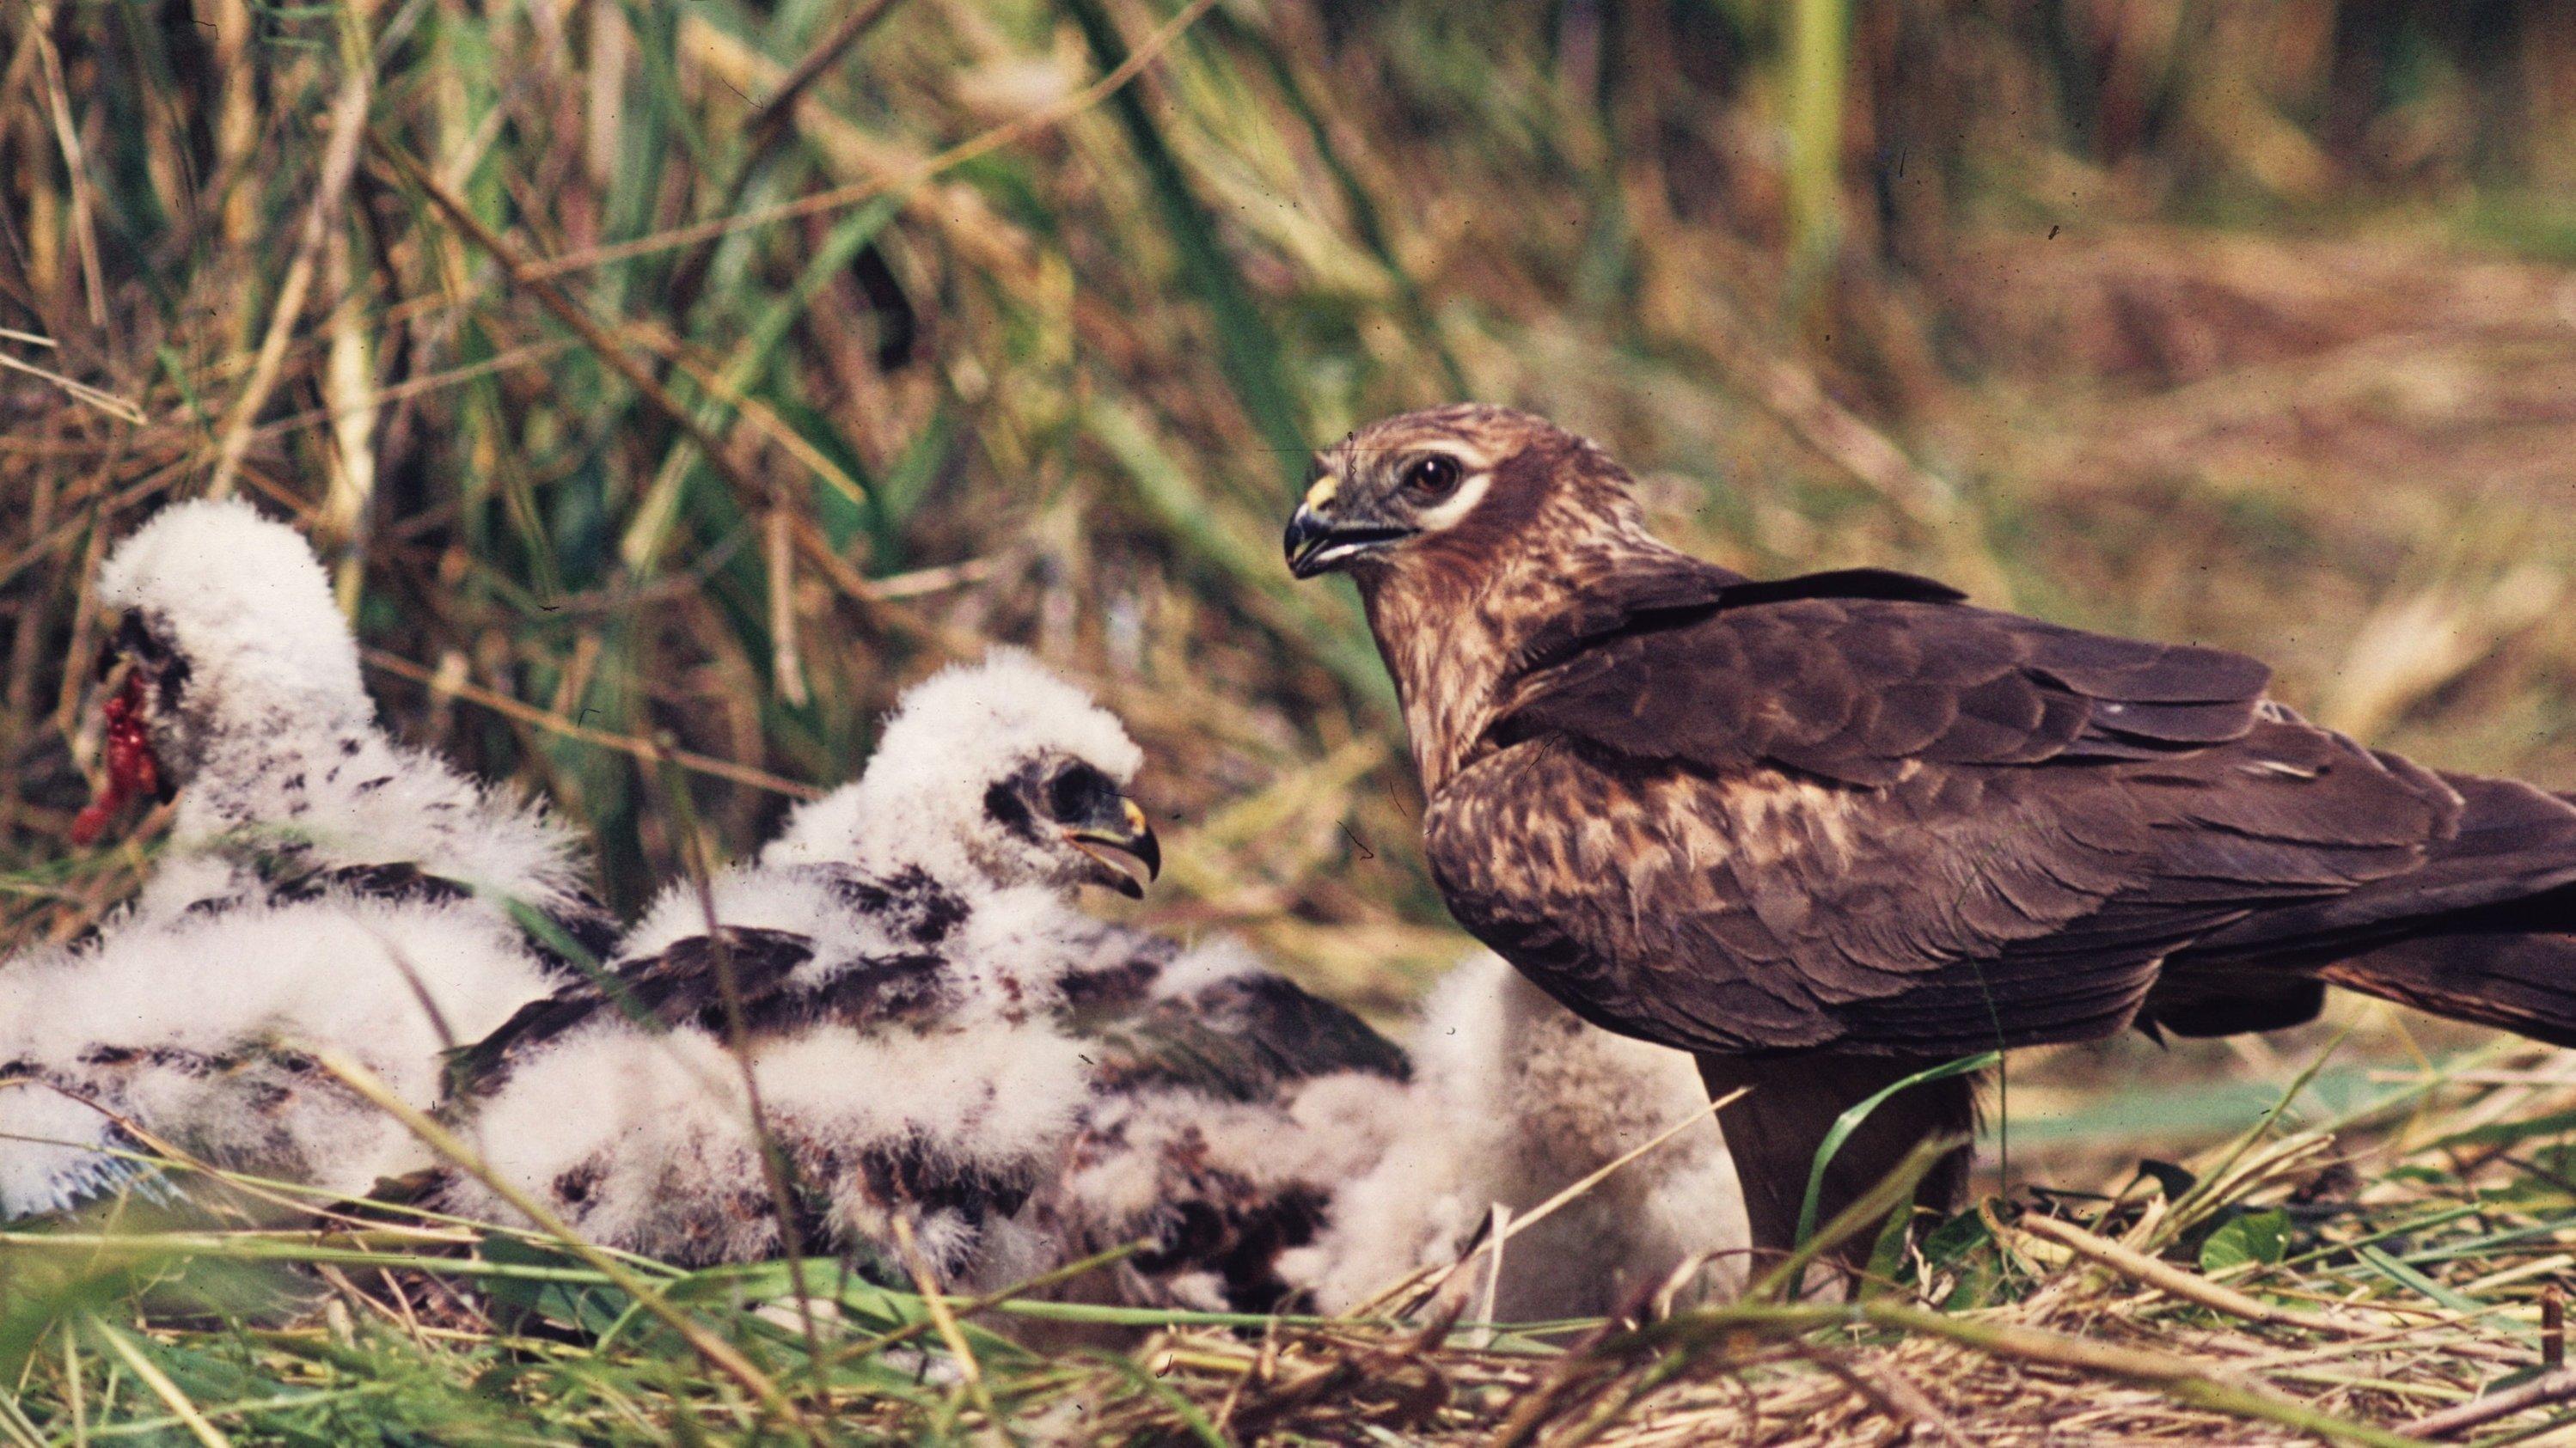 Man sieht eine Wiesenweihe am Gelege, das sich am Boden in einer Wiese befindet. Im Nest mehrere flauschige Jungvögel.